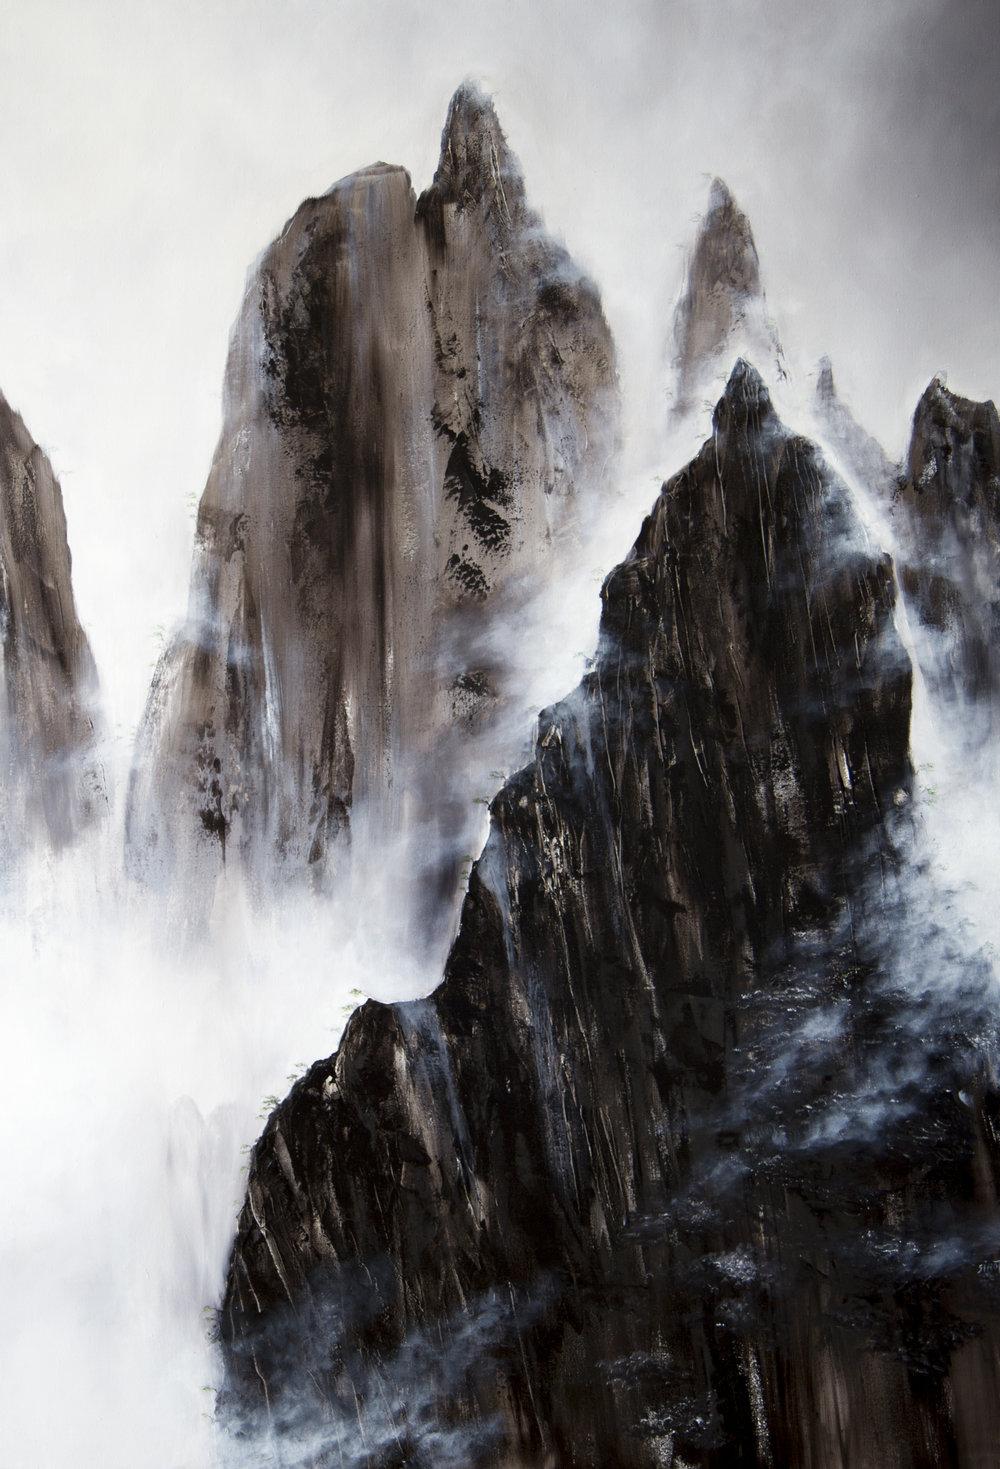 Retour de Chine Huile sur toile 160 x 110 cm